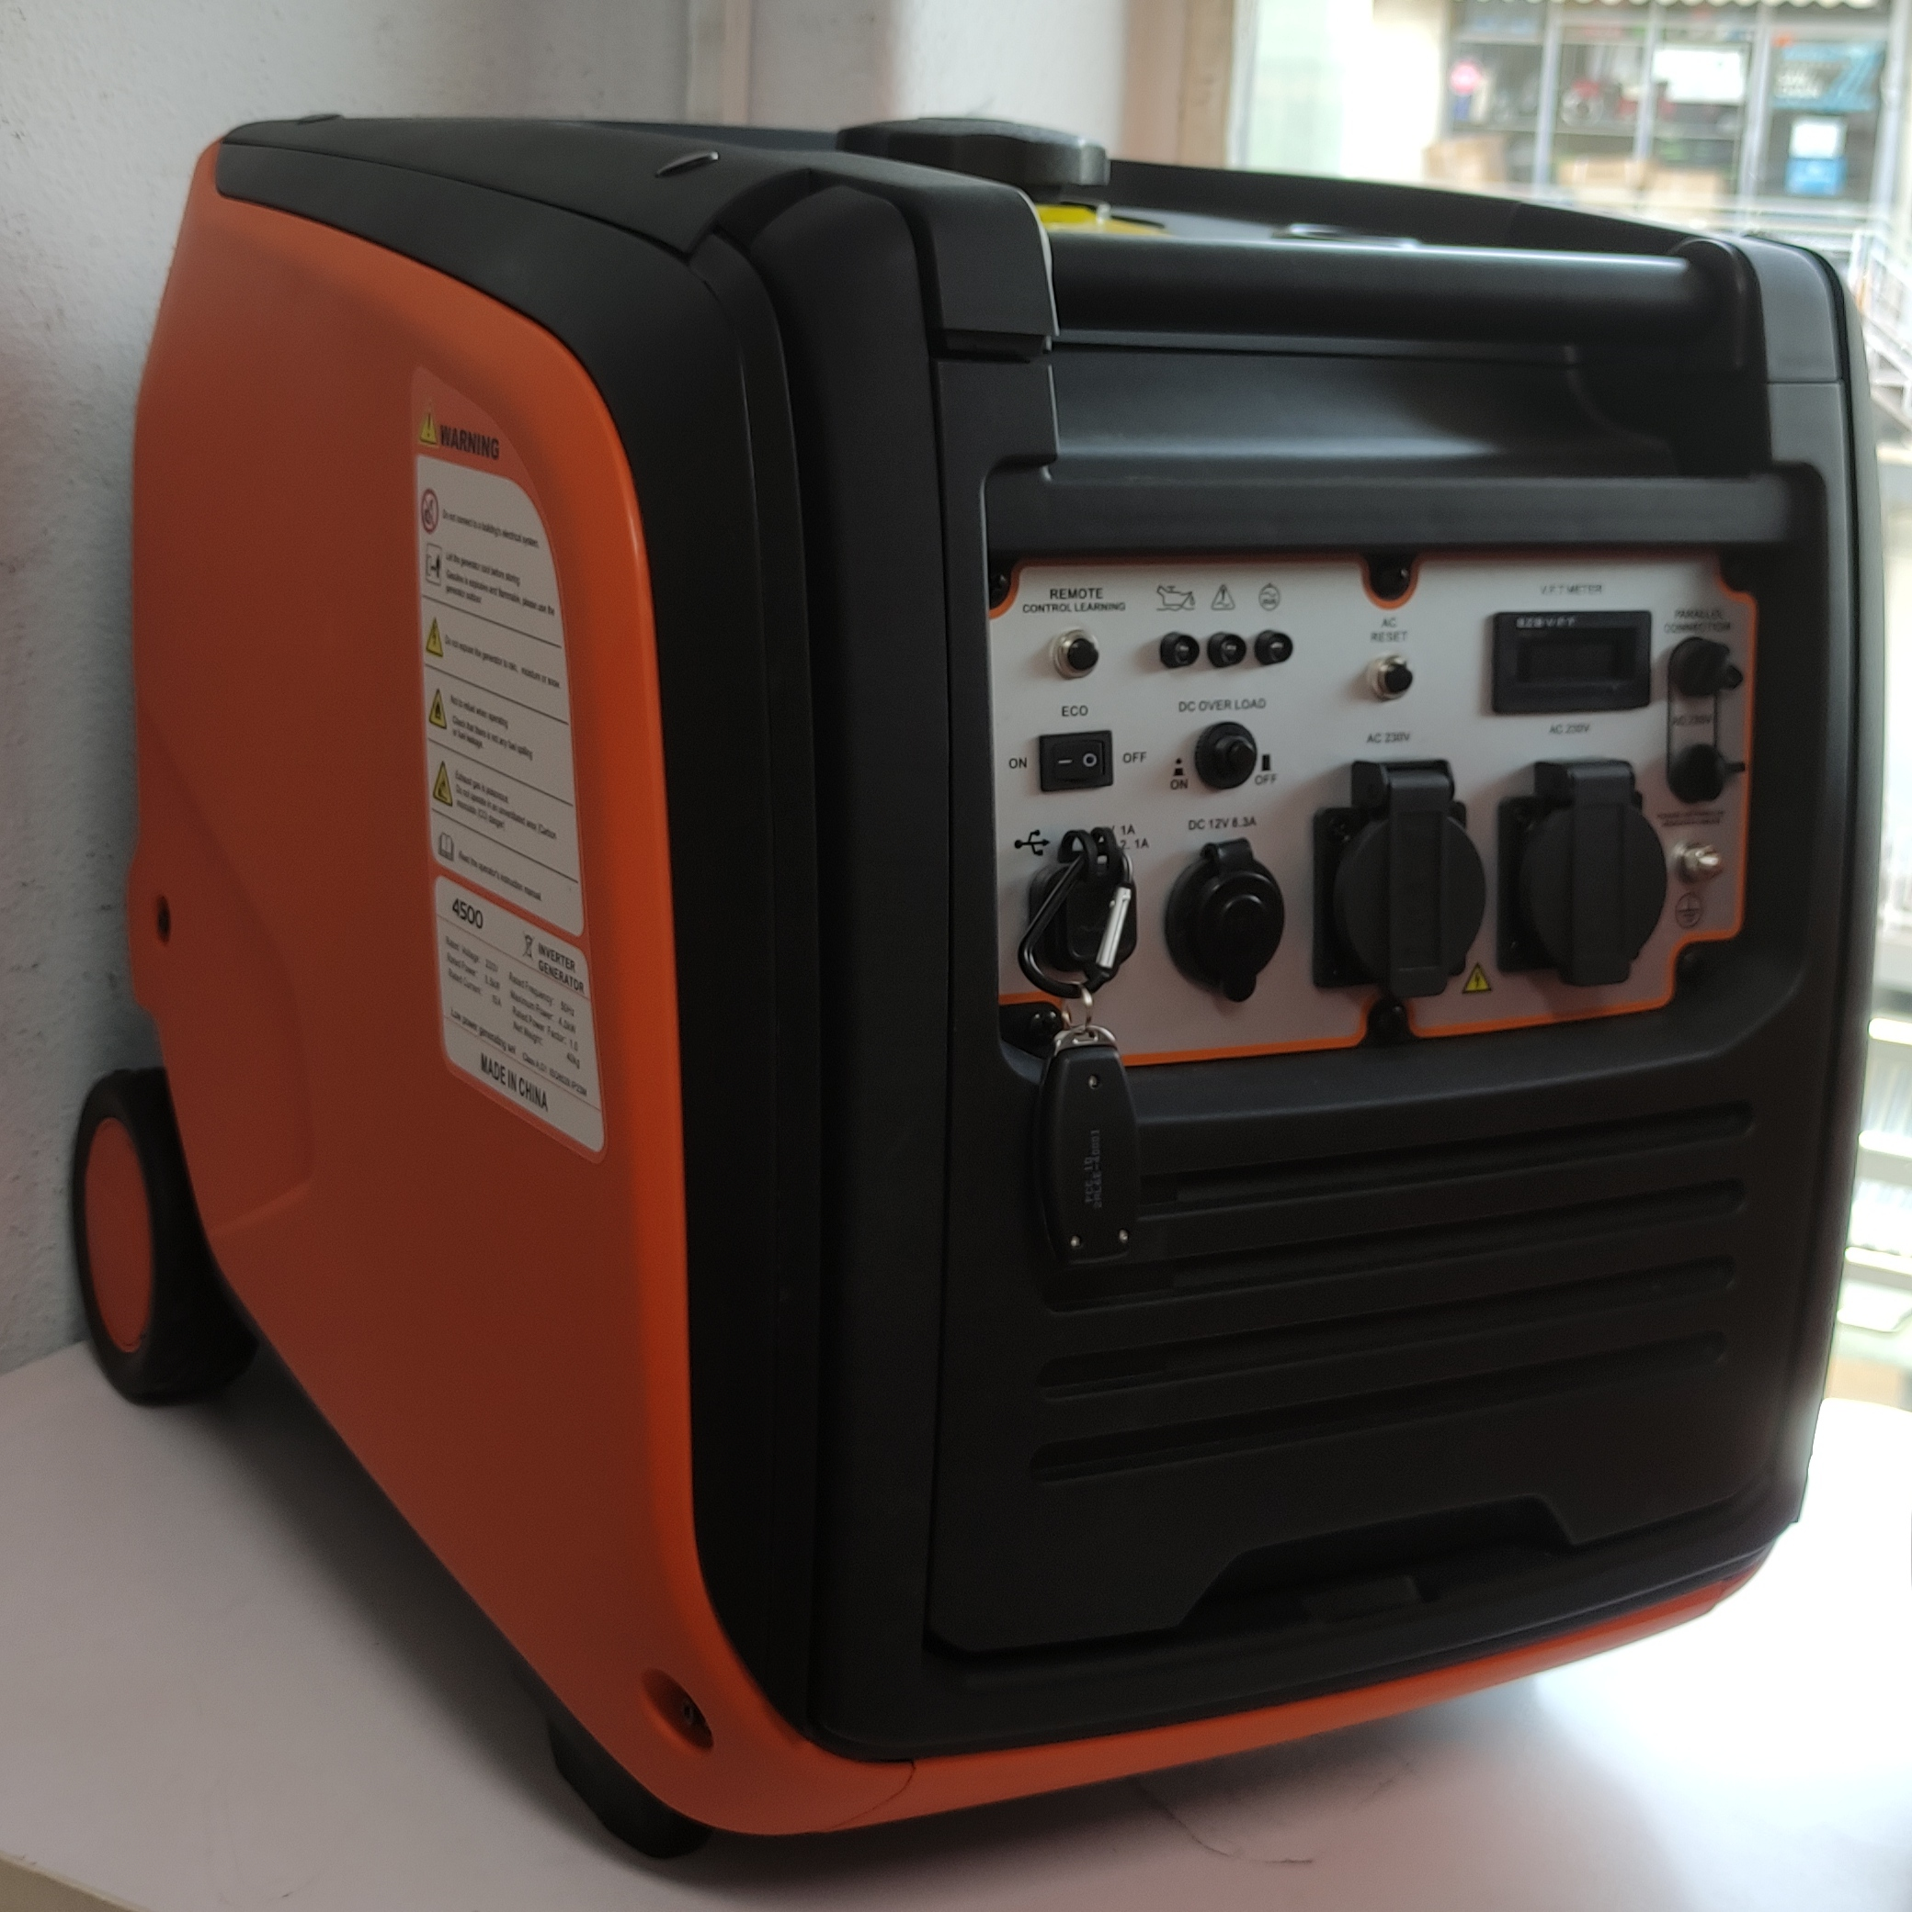 تصویر موتور برق سایلنت زیپکو کره 4کیلو وات Zipcko